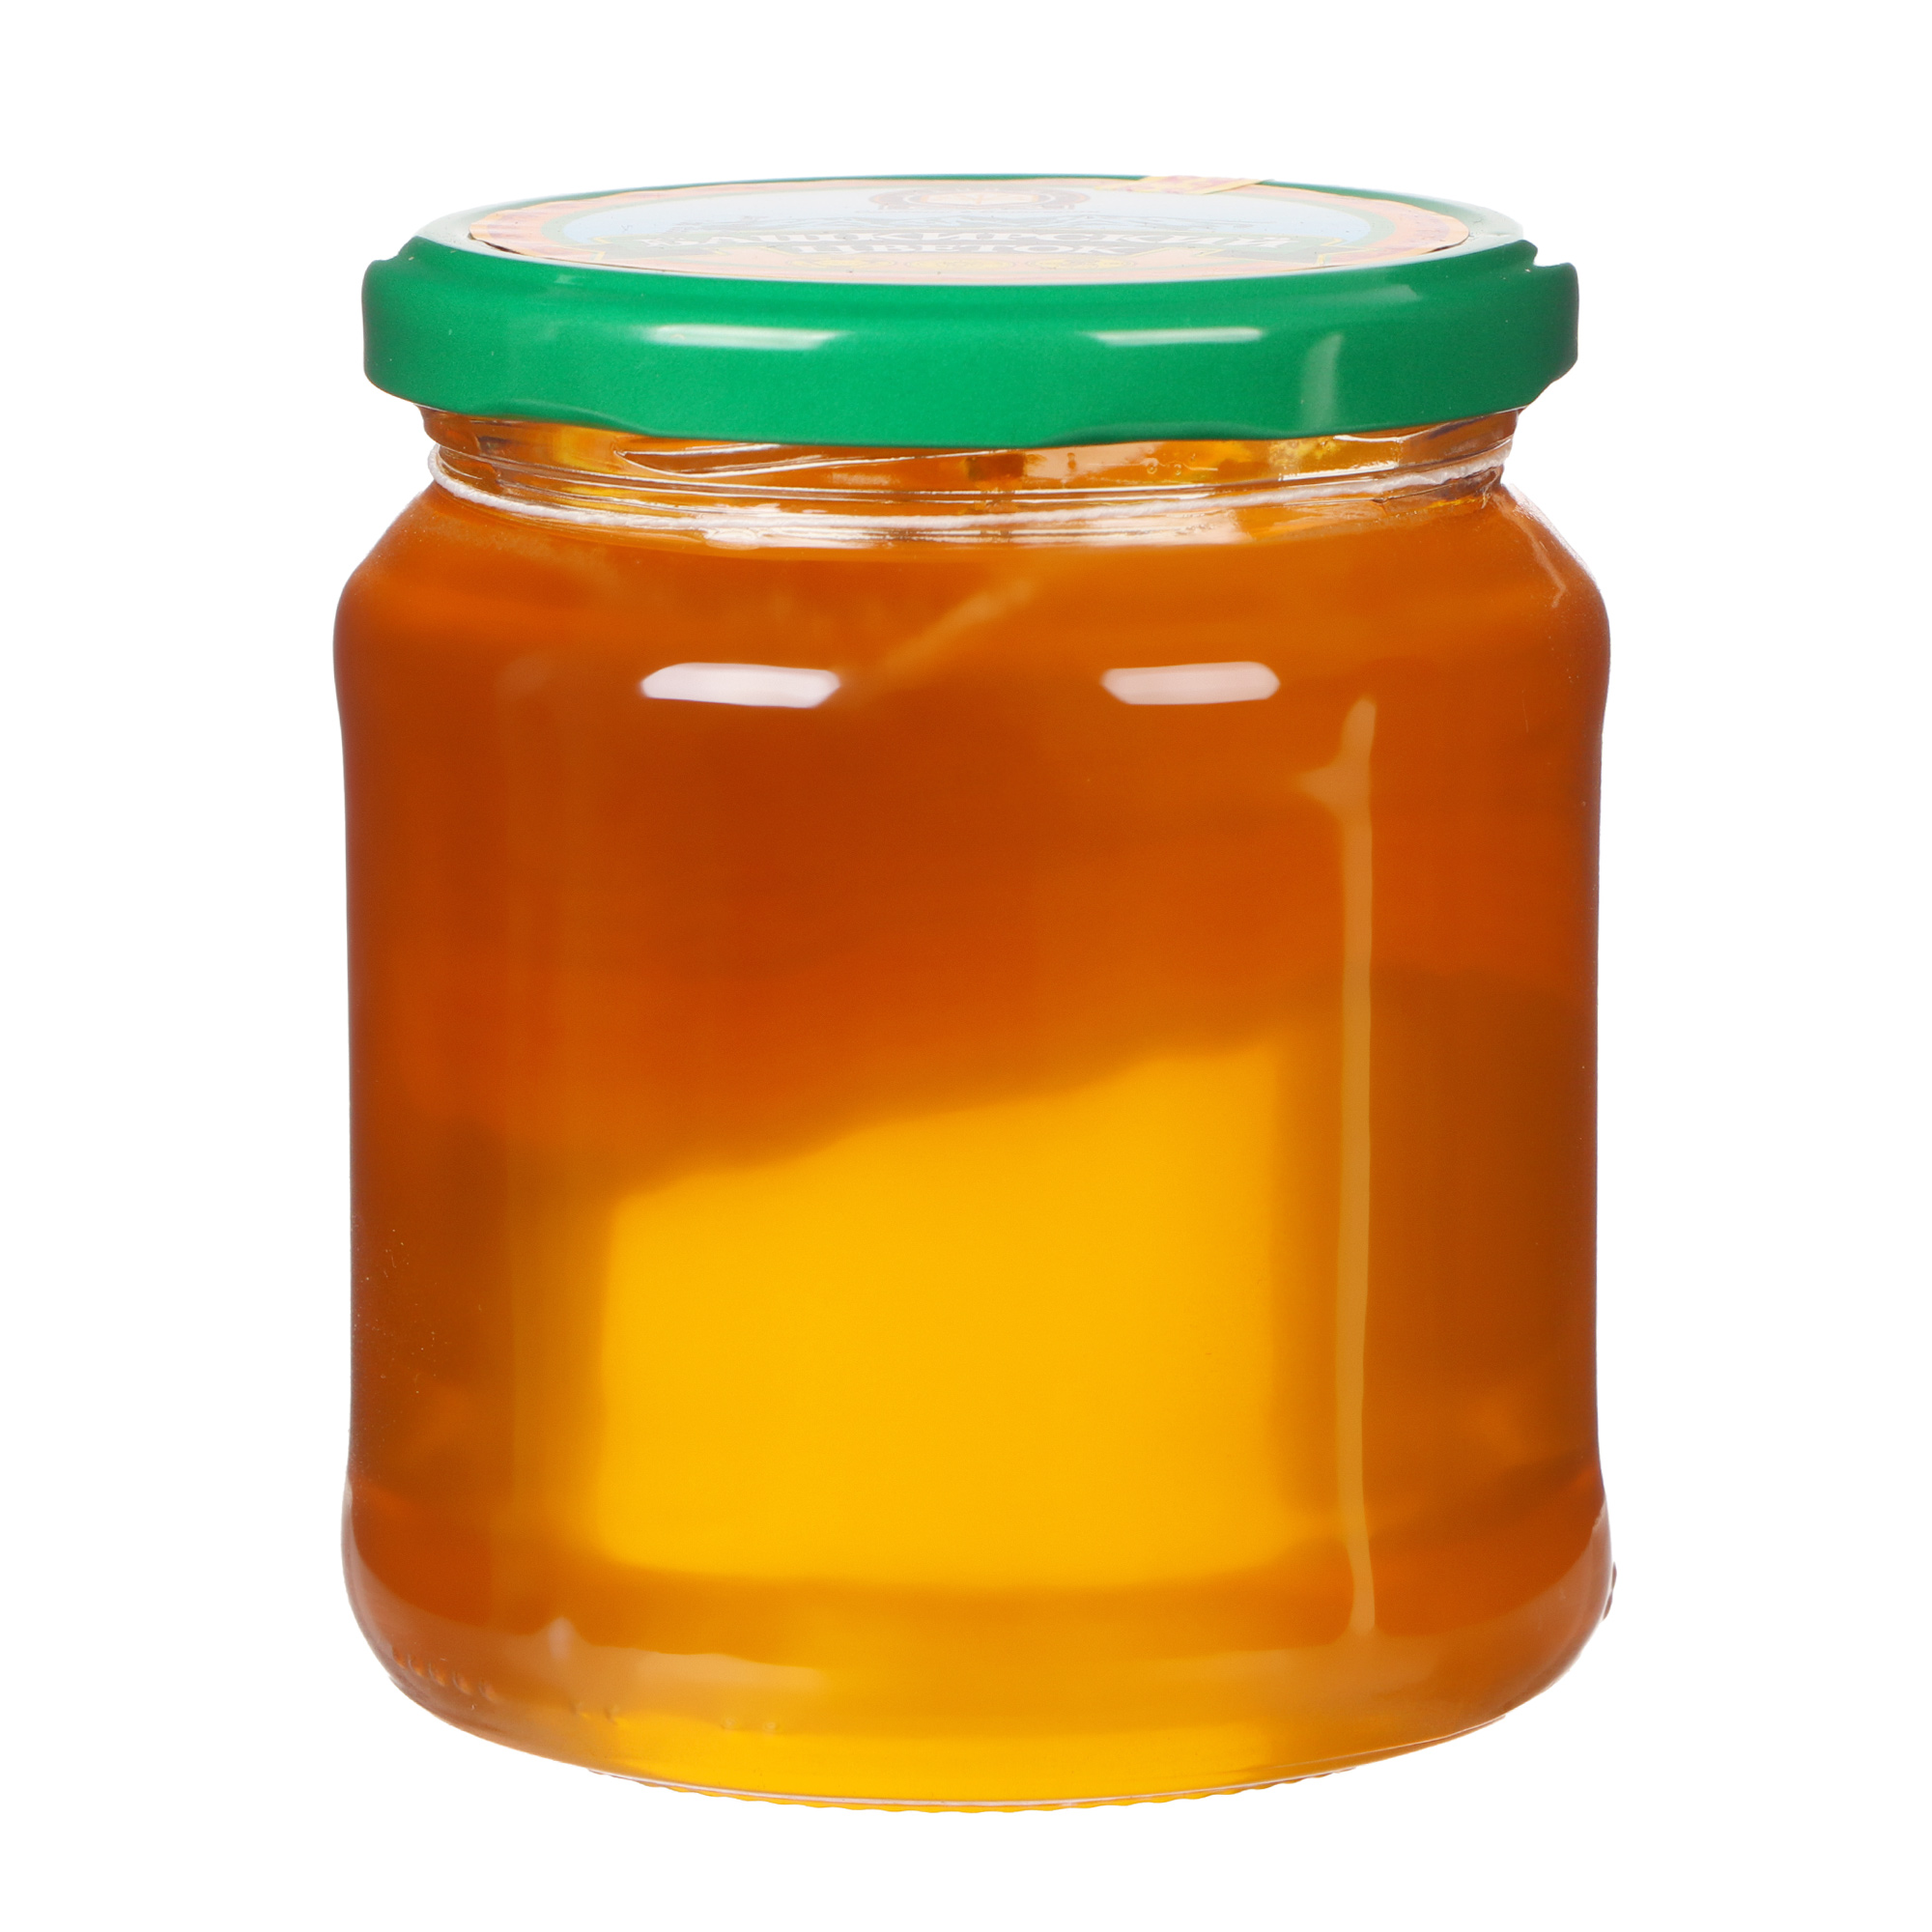 Мед Дикий Мед Башкирский цветок цветочный 600 г мед дикий мед башкирский цветок цветочный 600 г